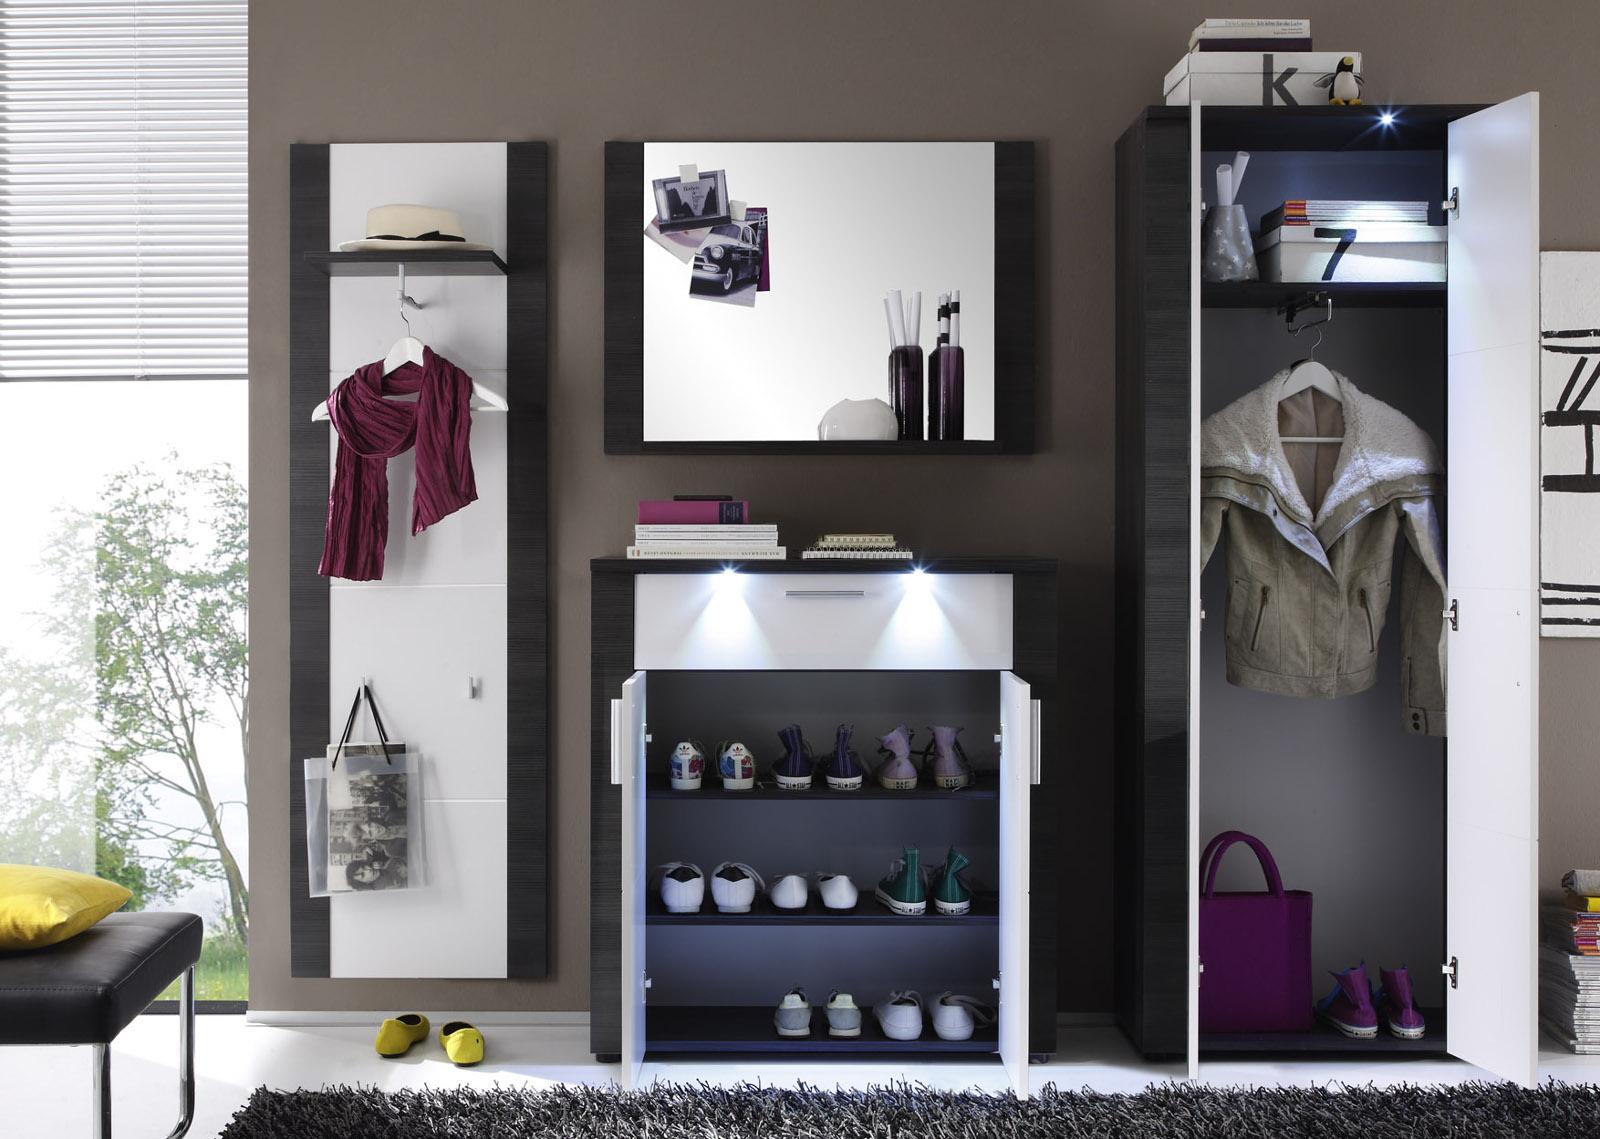 garderoben set flur garderobe wei und esche grau. Black Bedroom Furniture Sets. Home Design Ideas